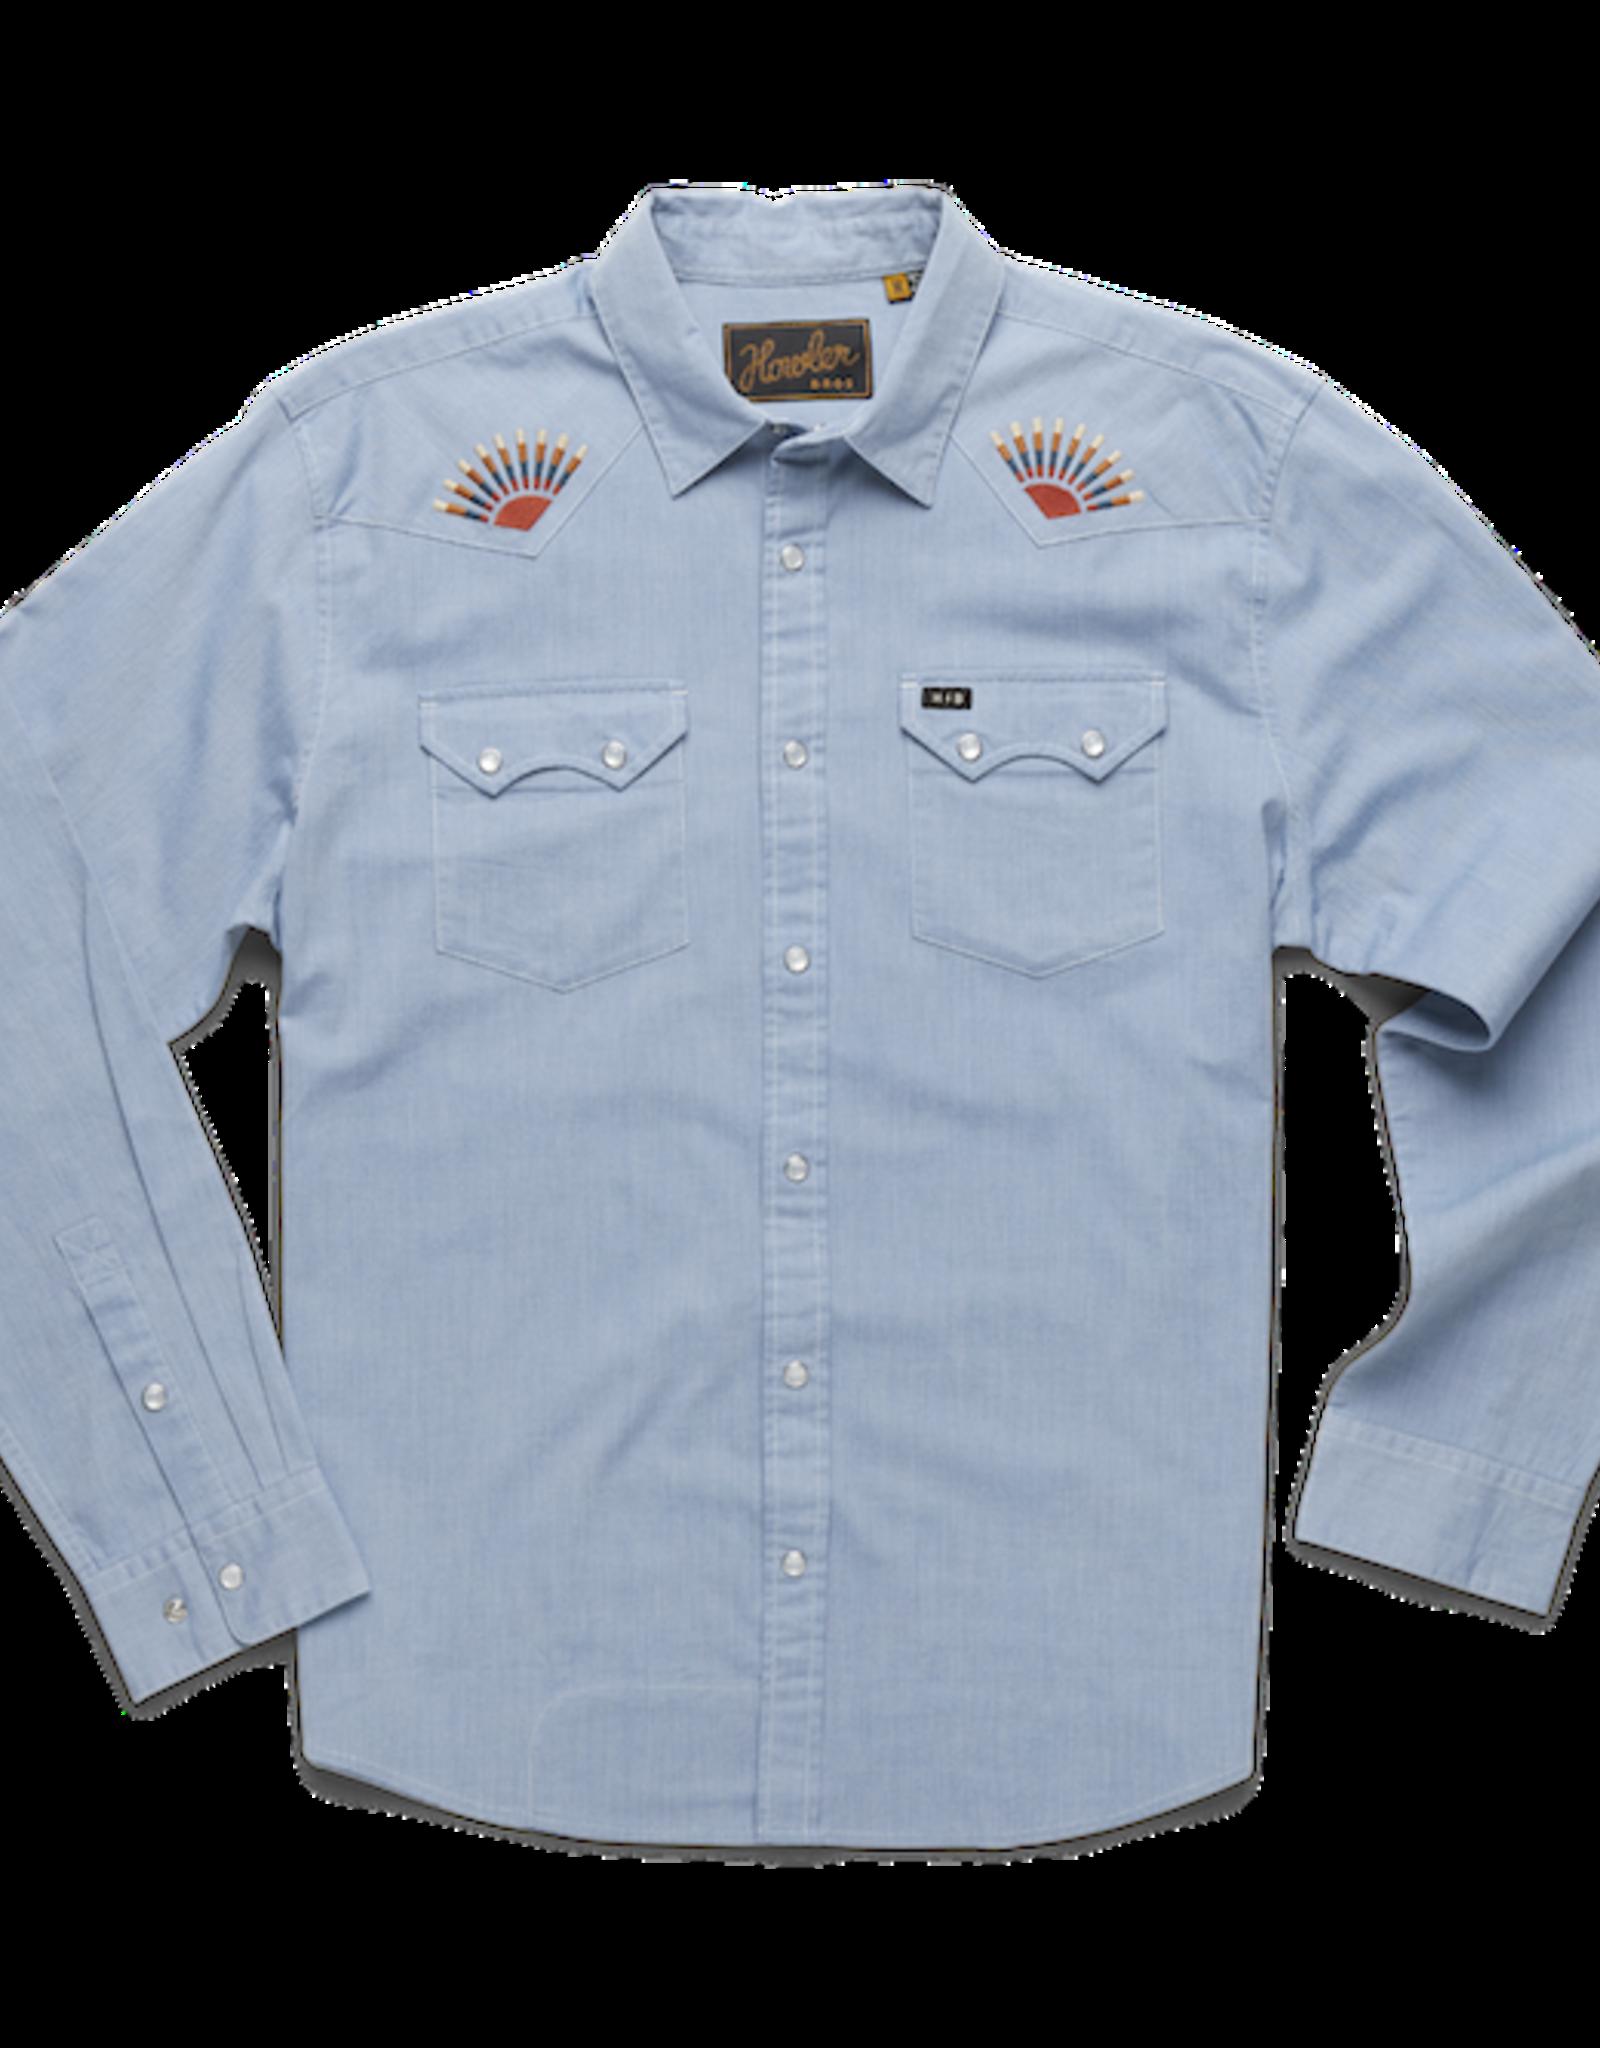 Howler Bros Crosscut Deluxe Shirt